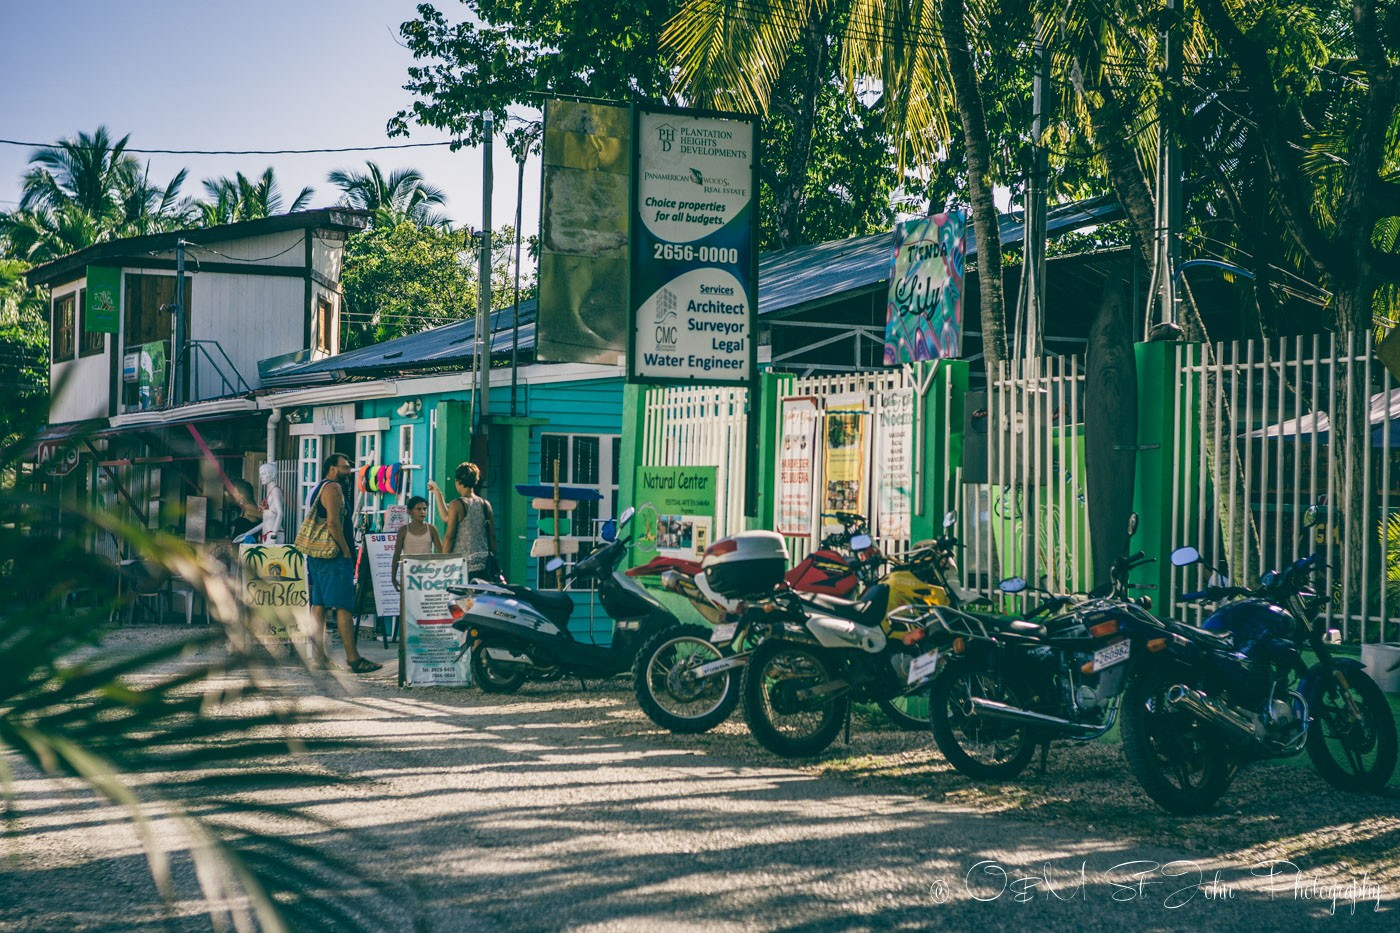 Shops along the street in Samara Costa Rica